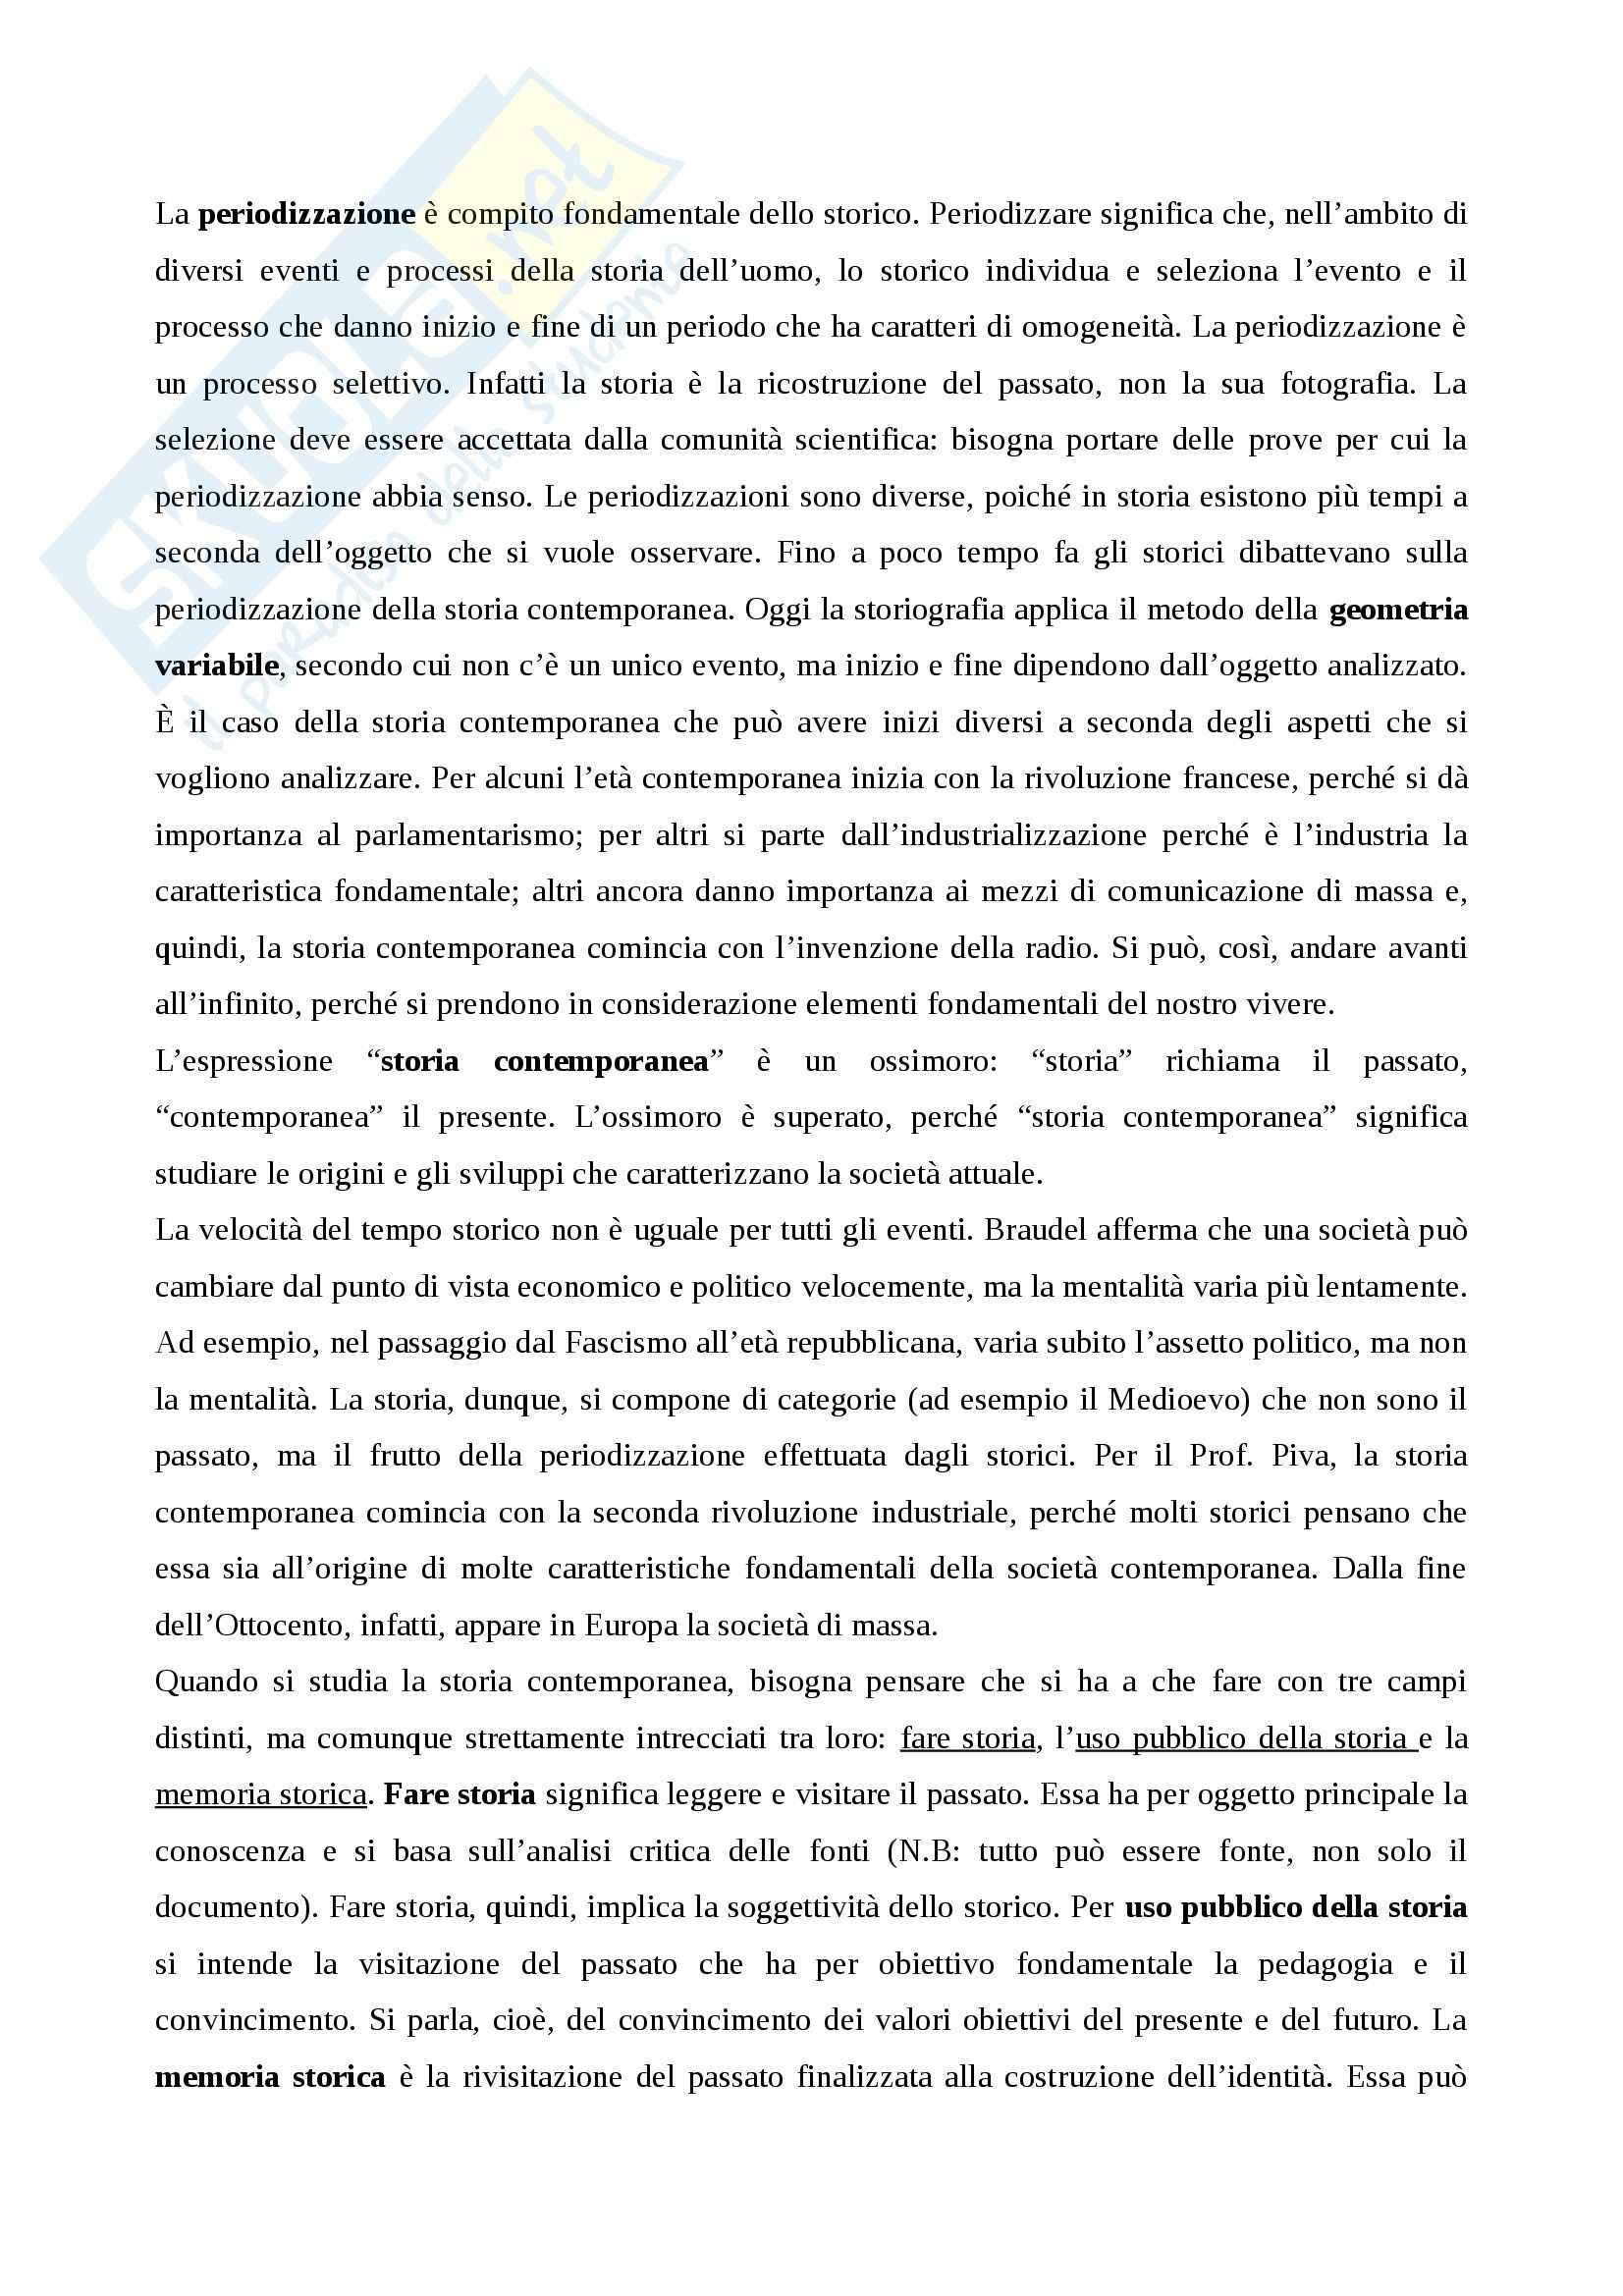 Storia contemporanea - la periodizzazione